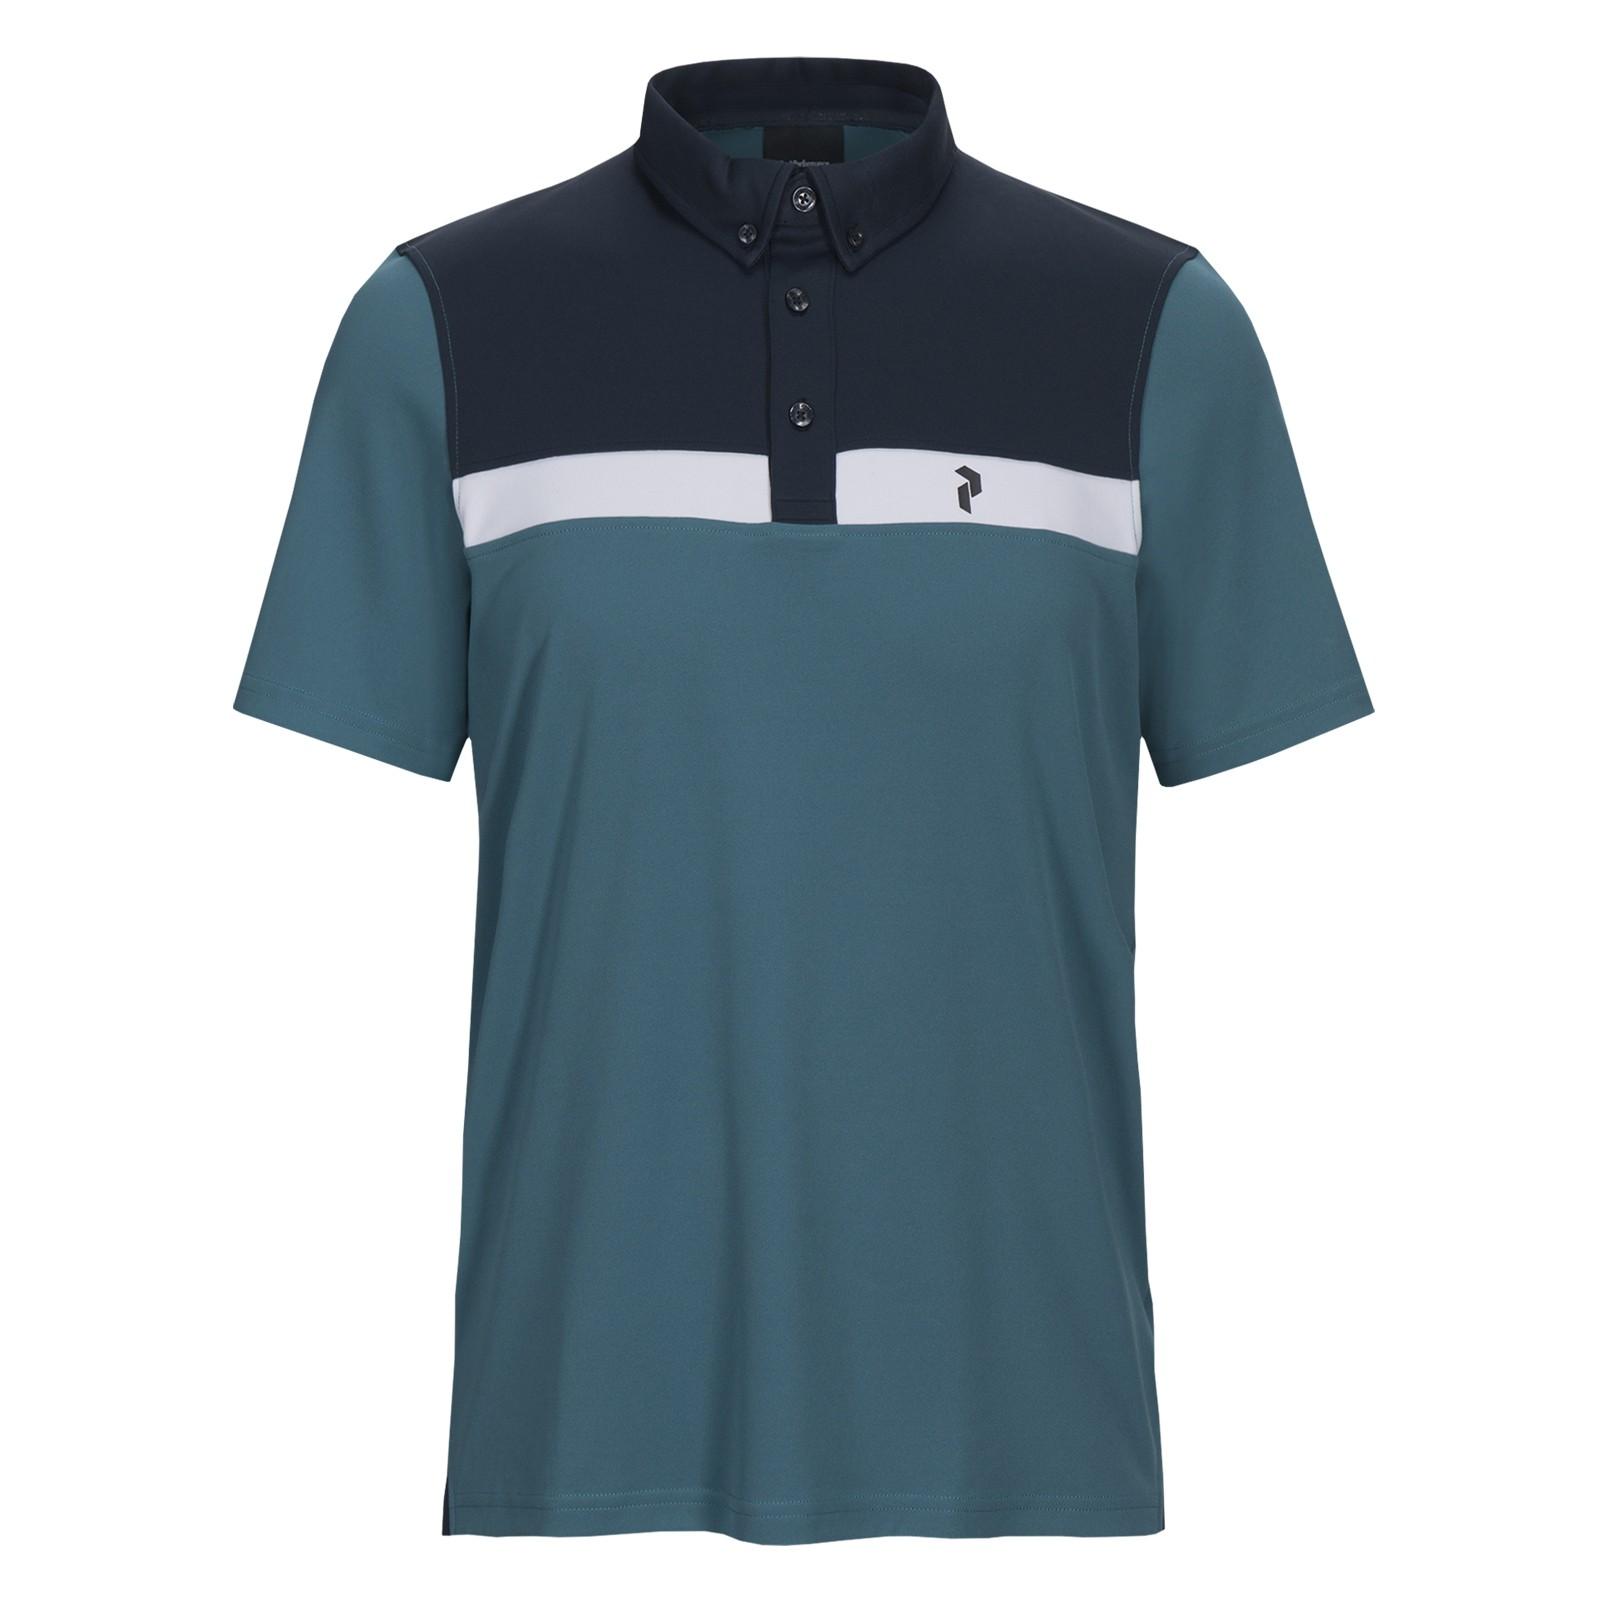 Peak Performance Panmore Button Down Stripe Polo Shirts